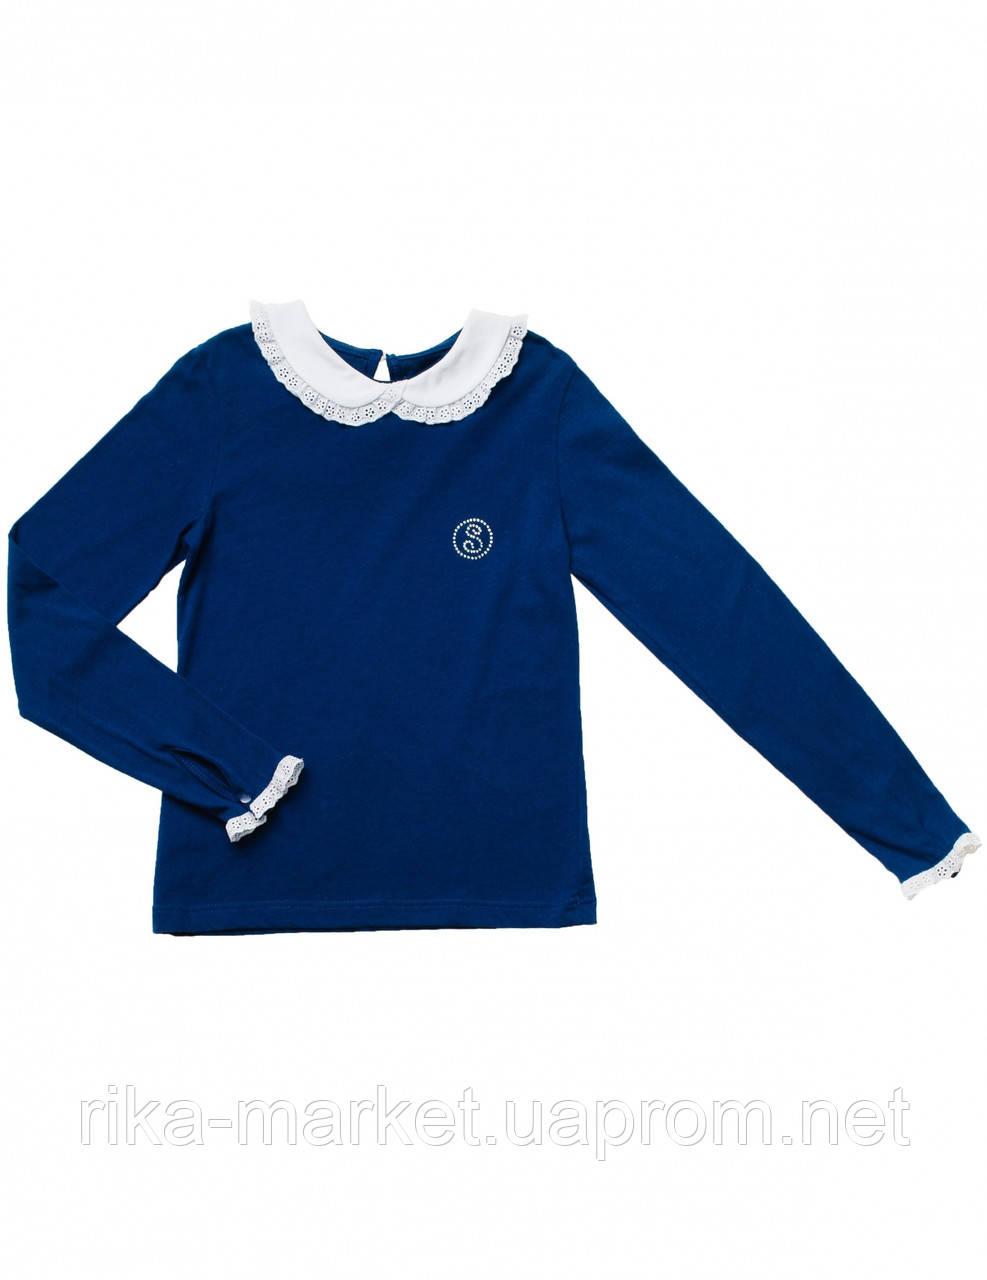 Блуза для девочки длинный рукав арт. 114213